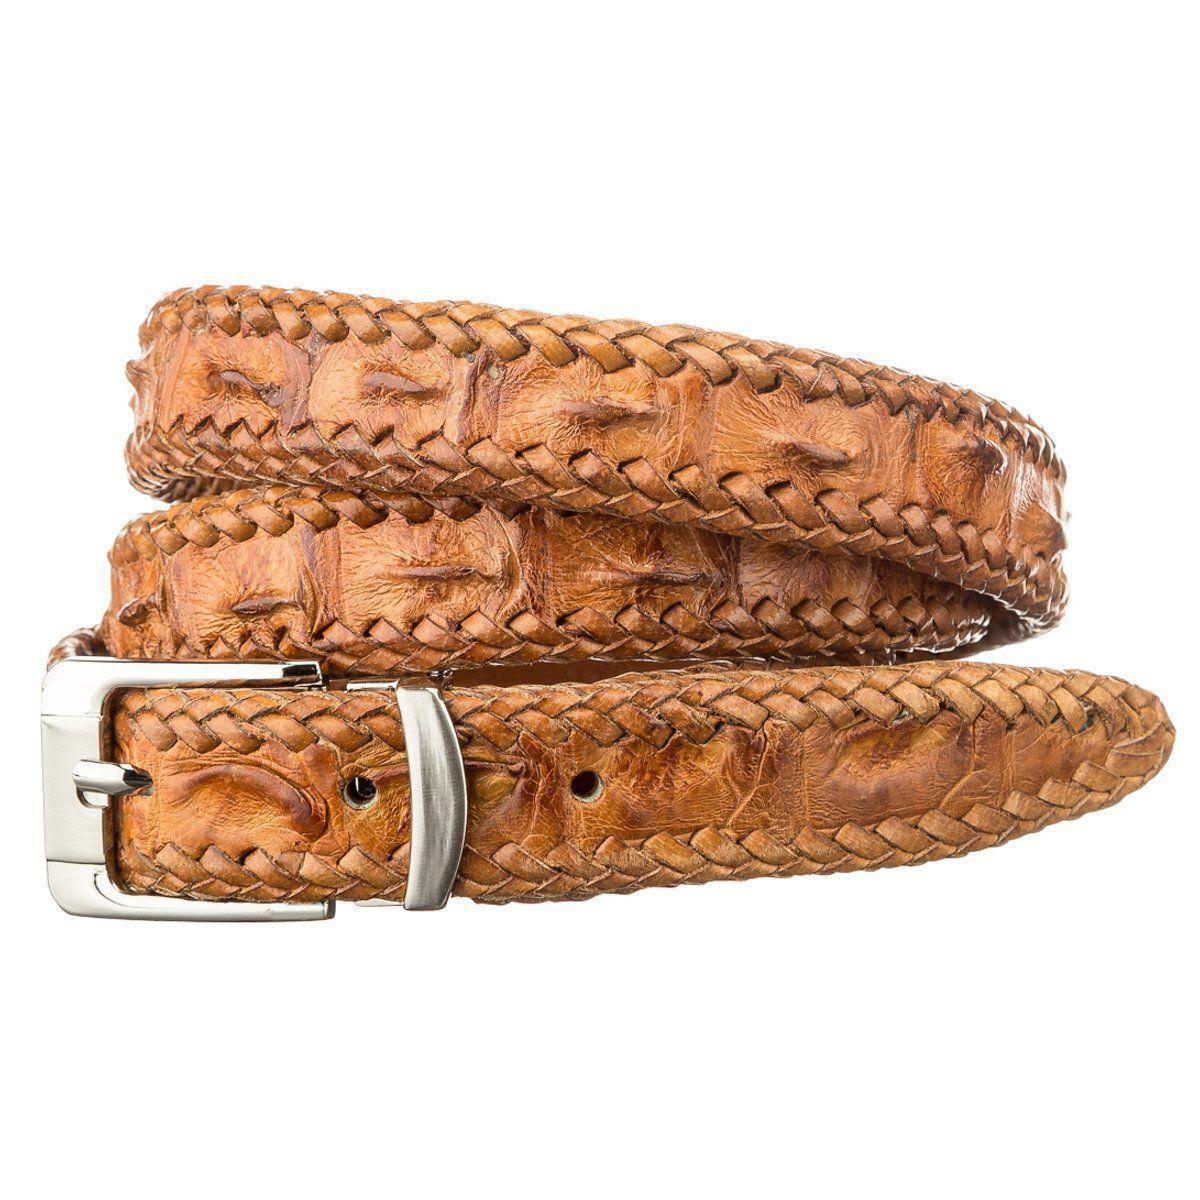 Ремень тонкий Ekzotic Leather из натуральной кожи крокодила Коричневый (crb 29)